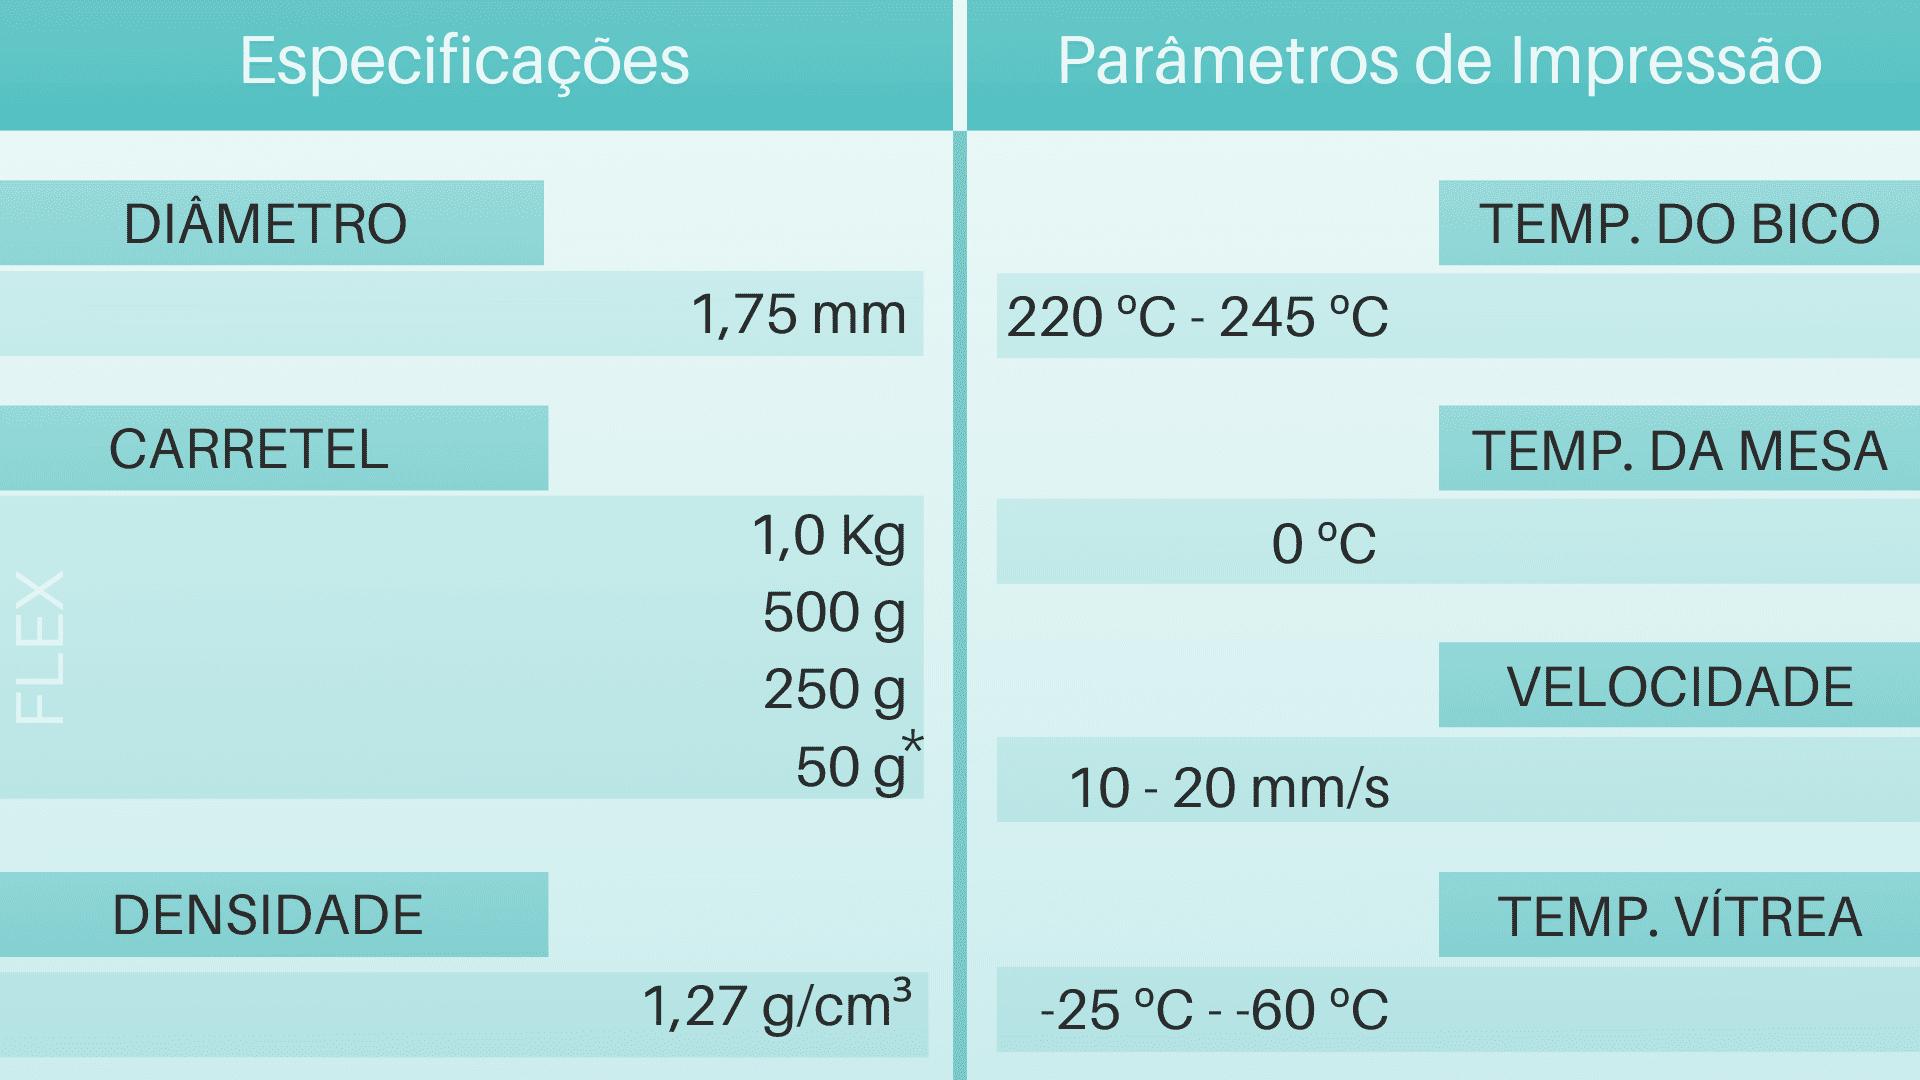 Tabela de Parâmetros e especificações do filamento 3d Flexível